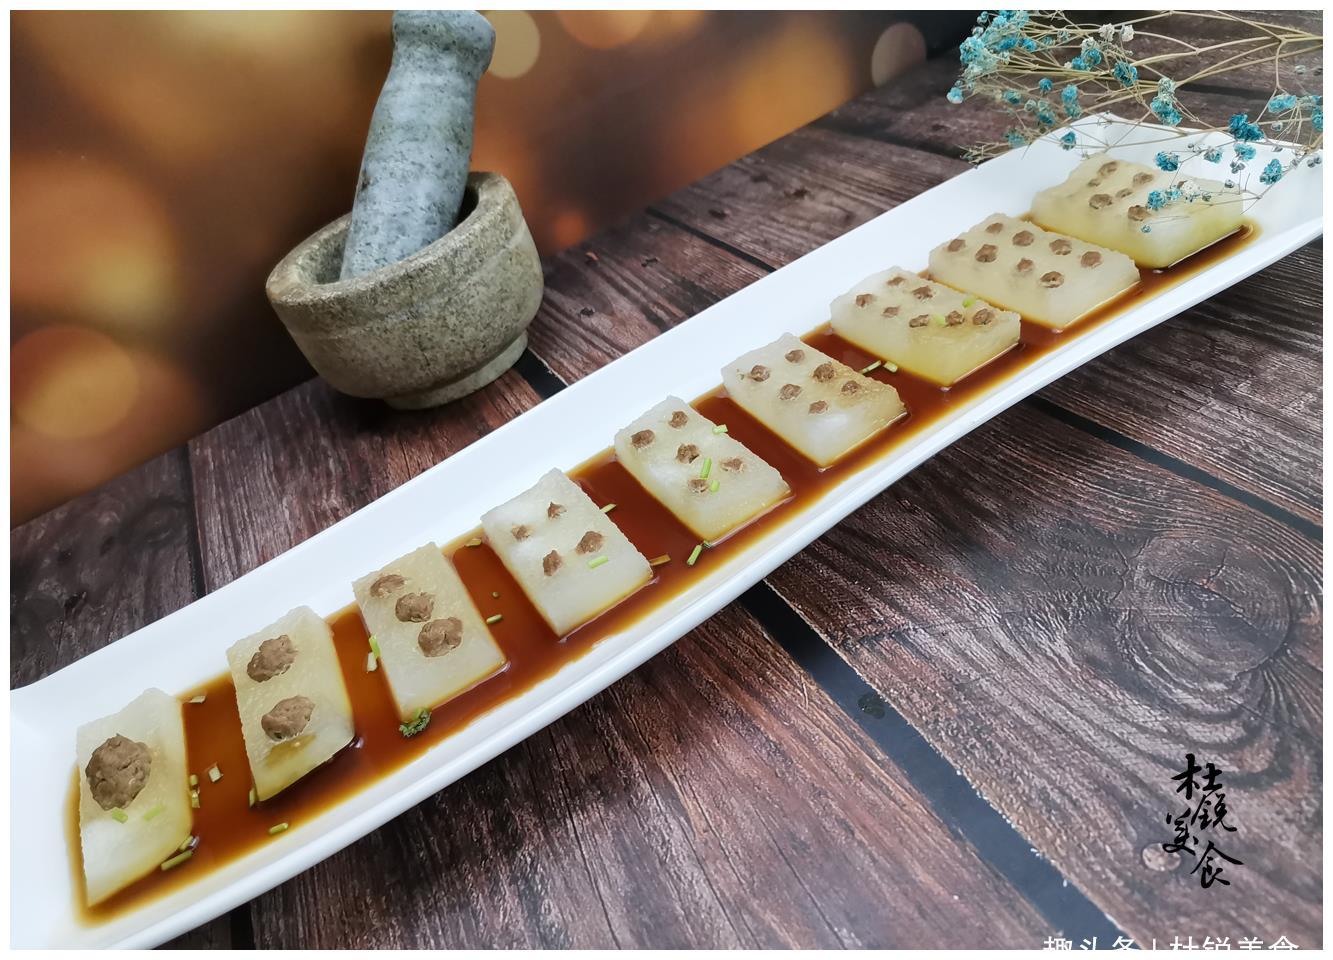 大厨创意新菜引围观!分享麻将冬瓜做法,来客人上1盘成艺术品